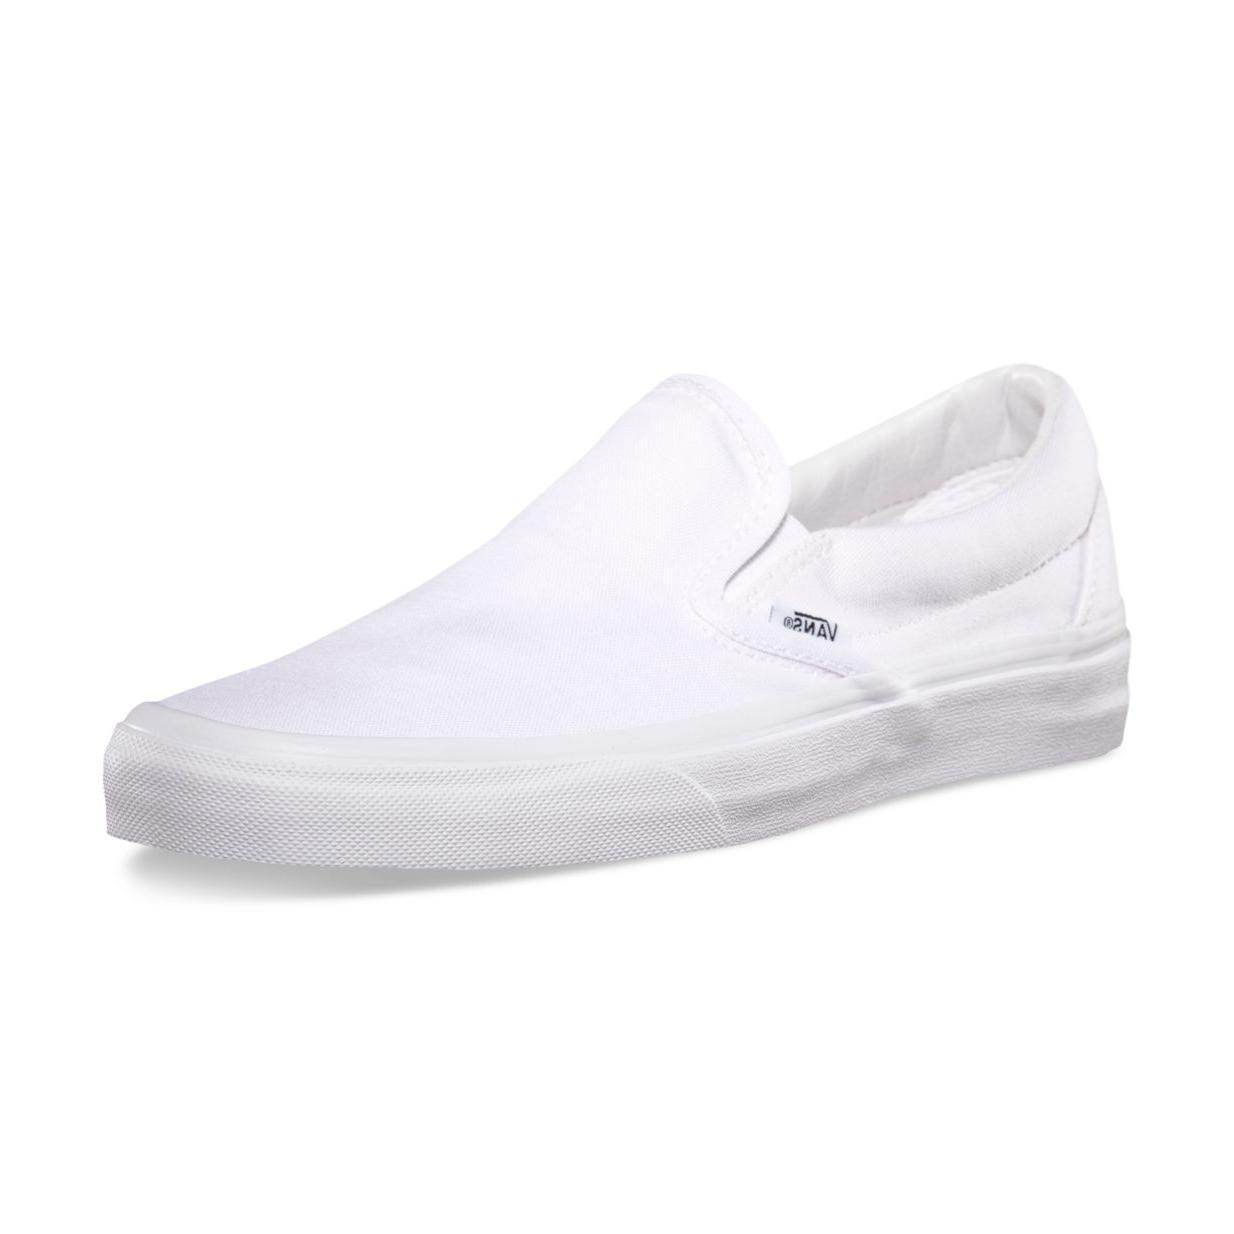 New & Vans Classic True White Era Canvas Shoes